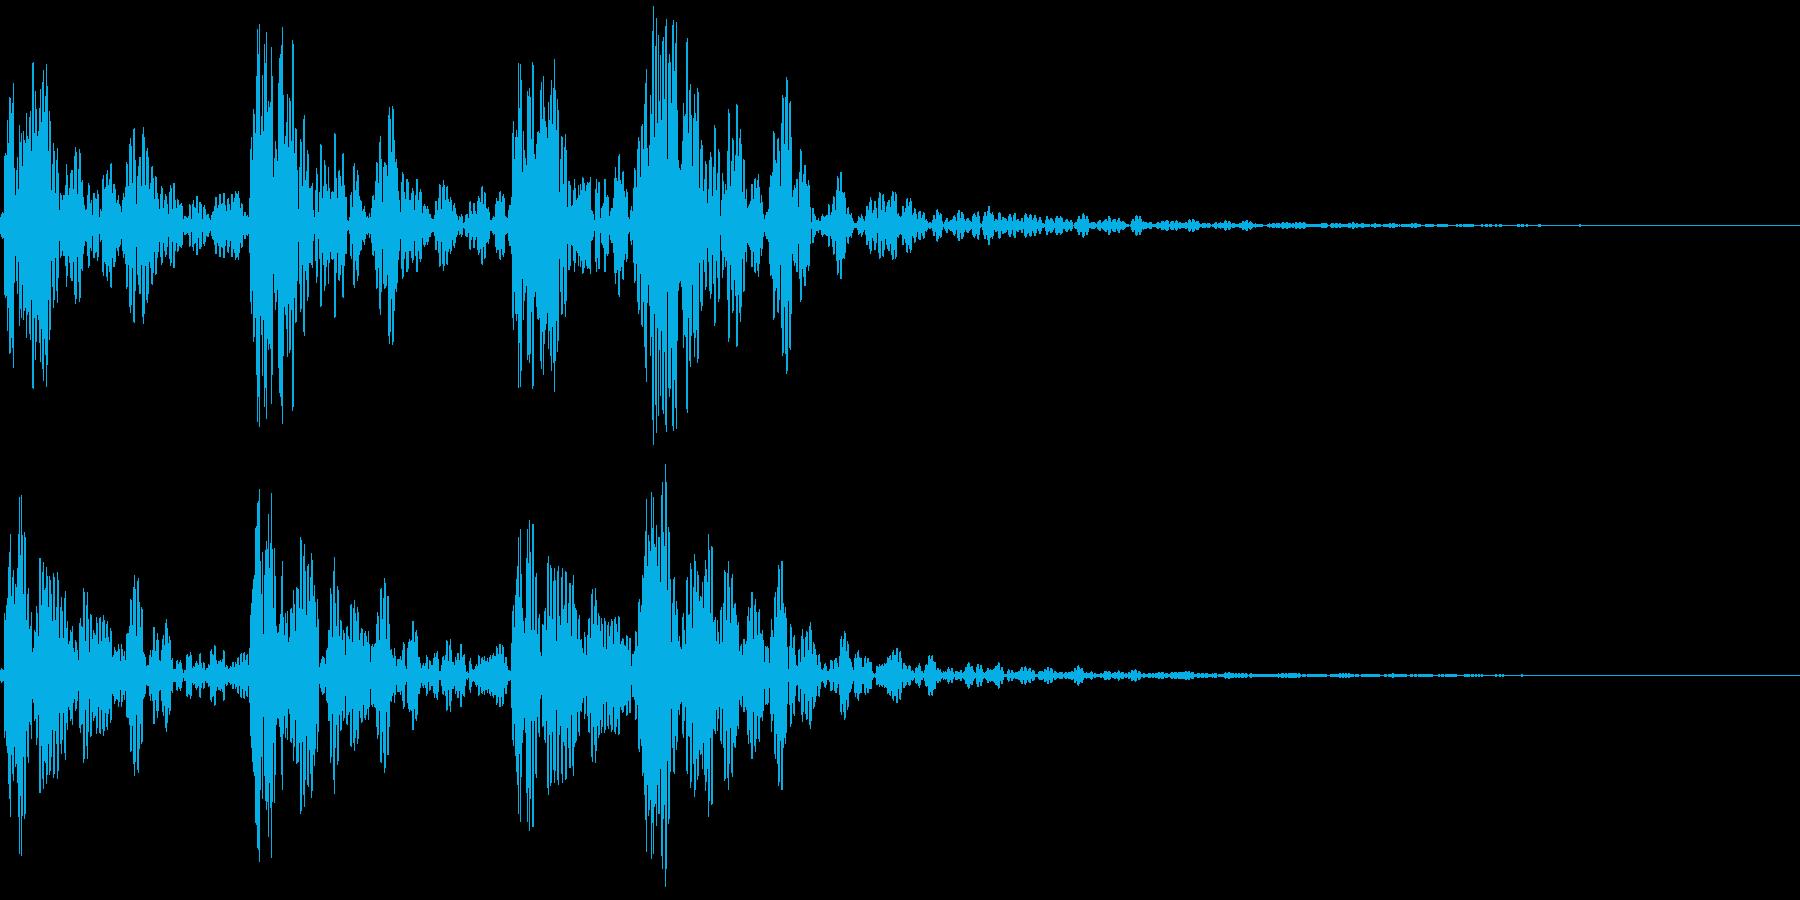 183_ドラム音1の再生済みの波形